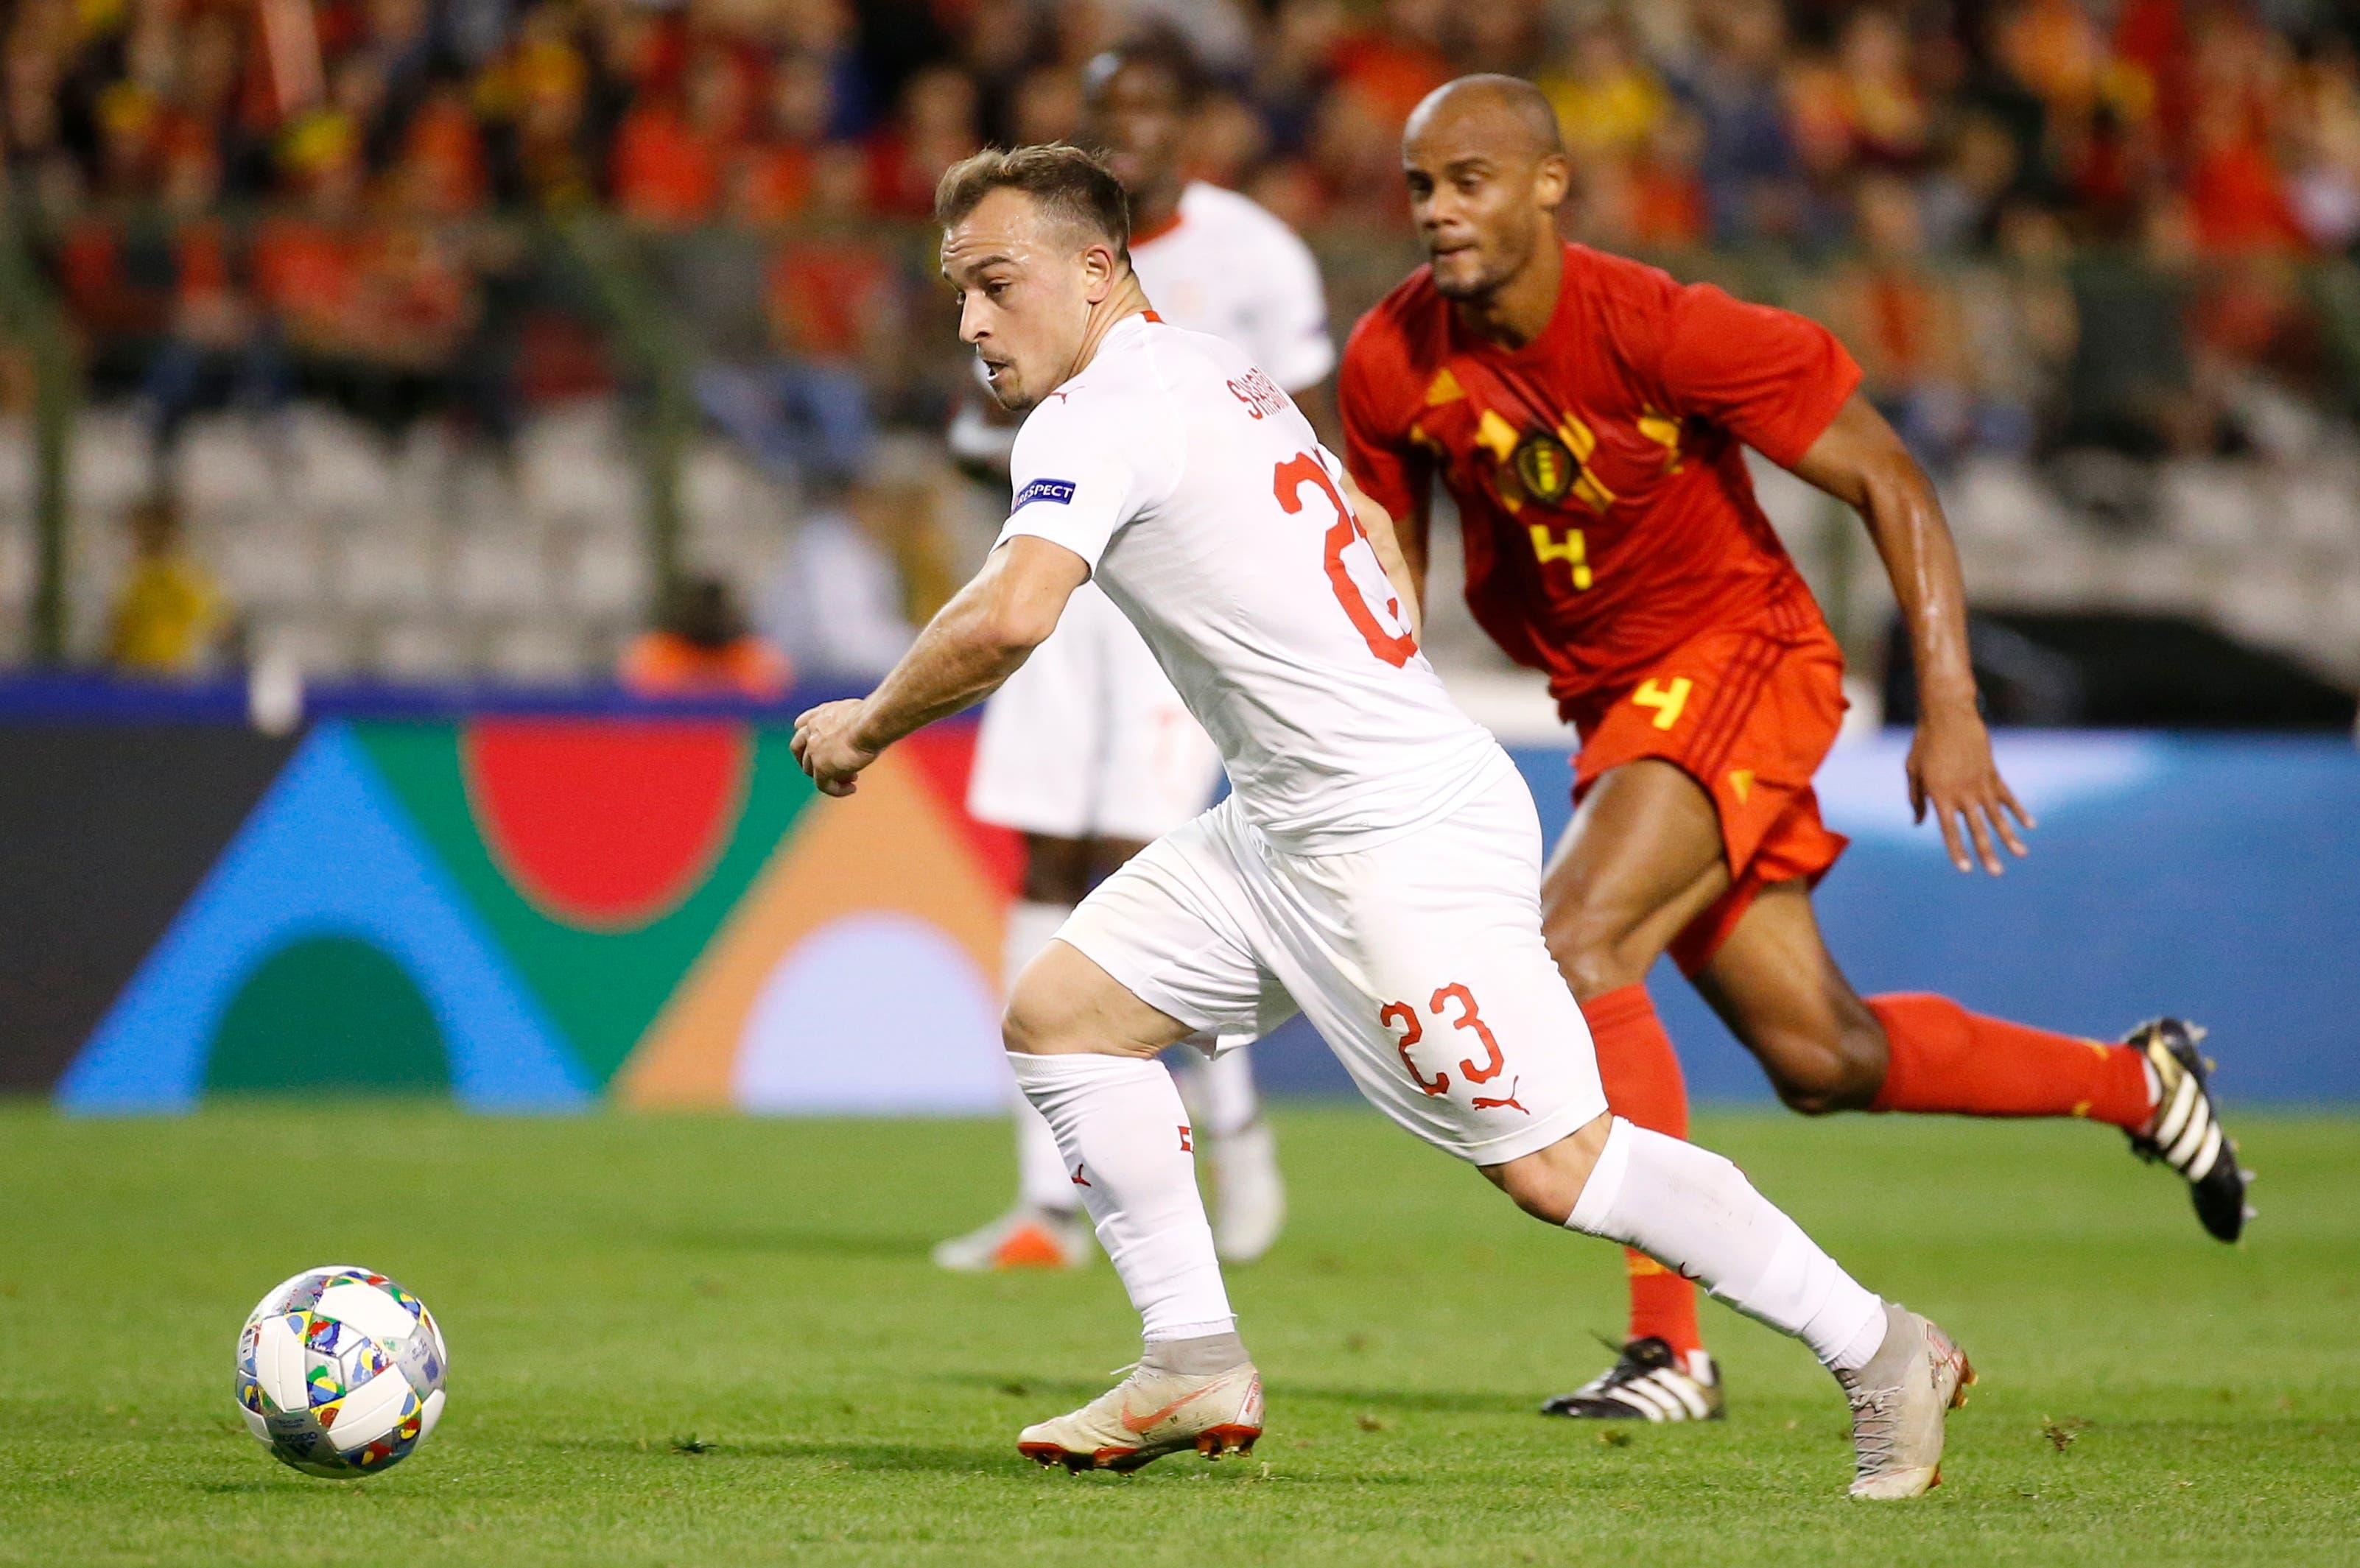 Der Schweizer Xherdan Shaqiri (links) sprintet um den Ball gegen Belgiens Vincent Kompany. (Bild: Julien Warnand/EPA (Brüssel, 12. Oktober 2018))